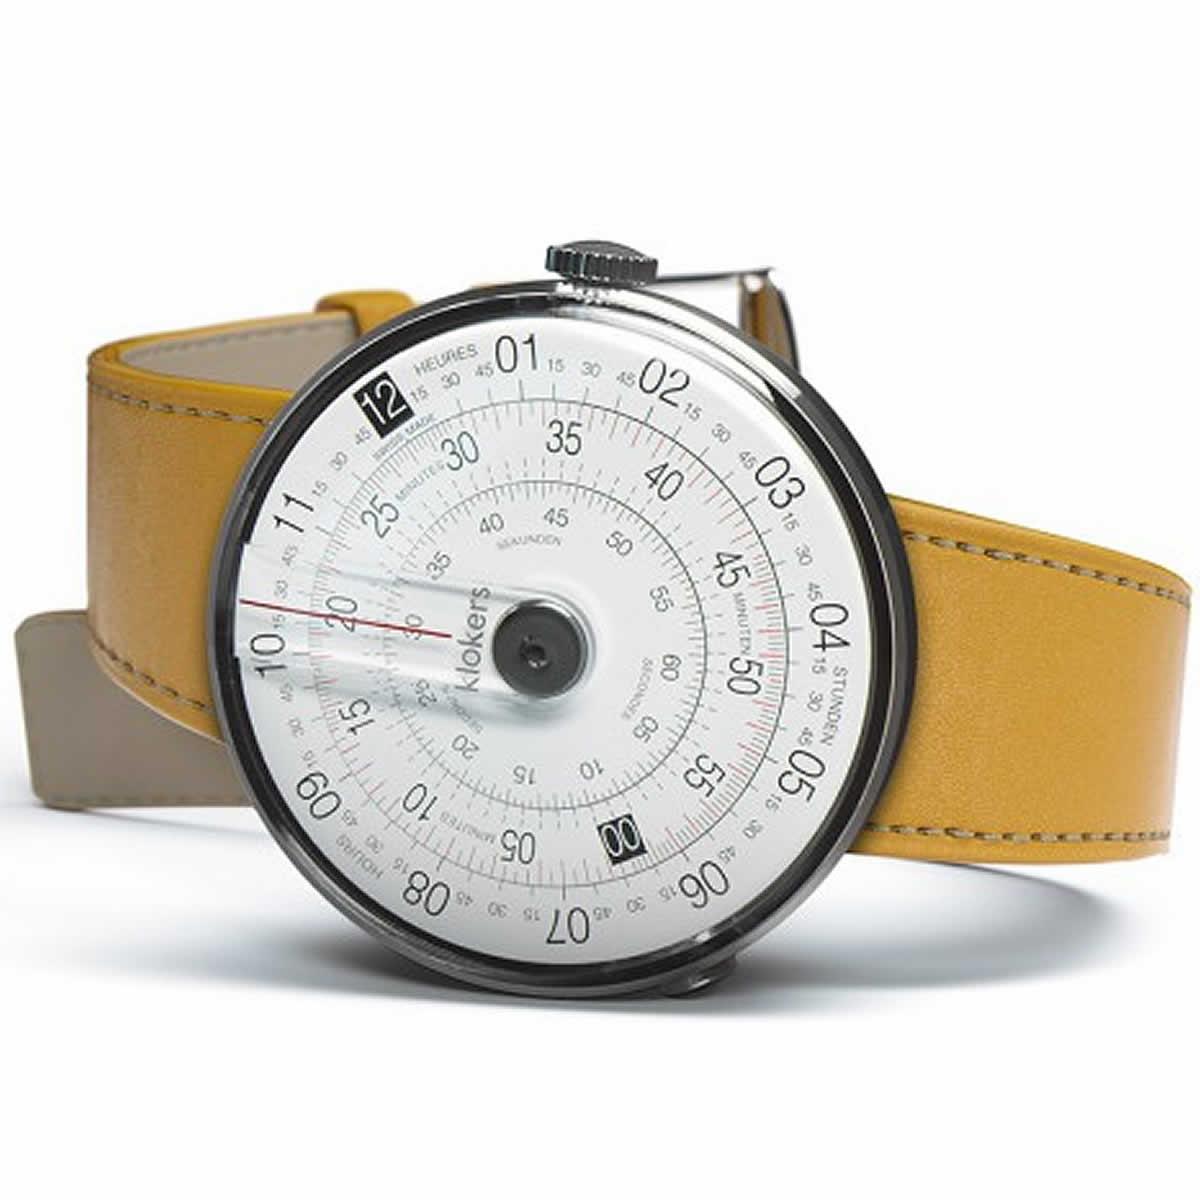 こちらはklokers(クロッカーズ)KLOK-01-D2 腕時計とニューポートイエローのベルトをセットにしてお届けいたします。